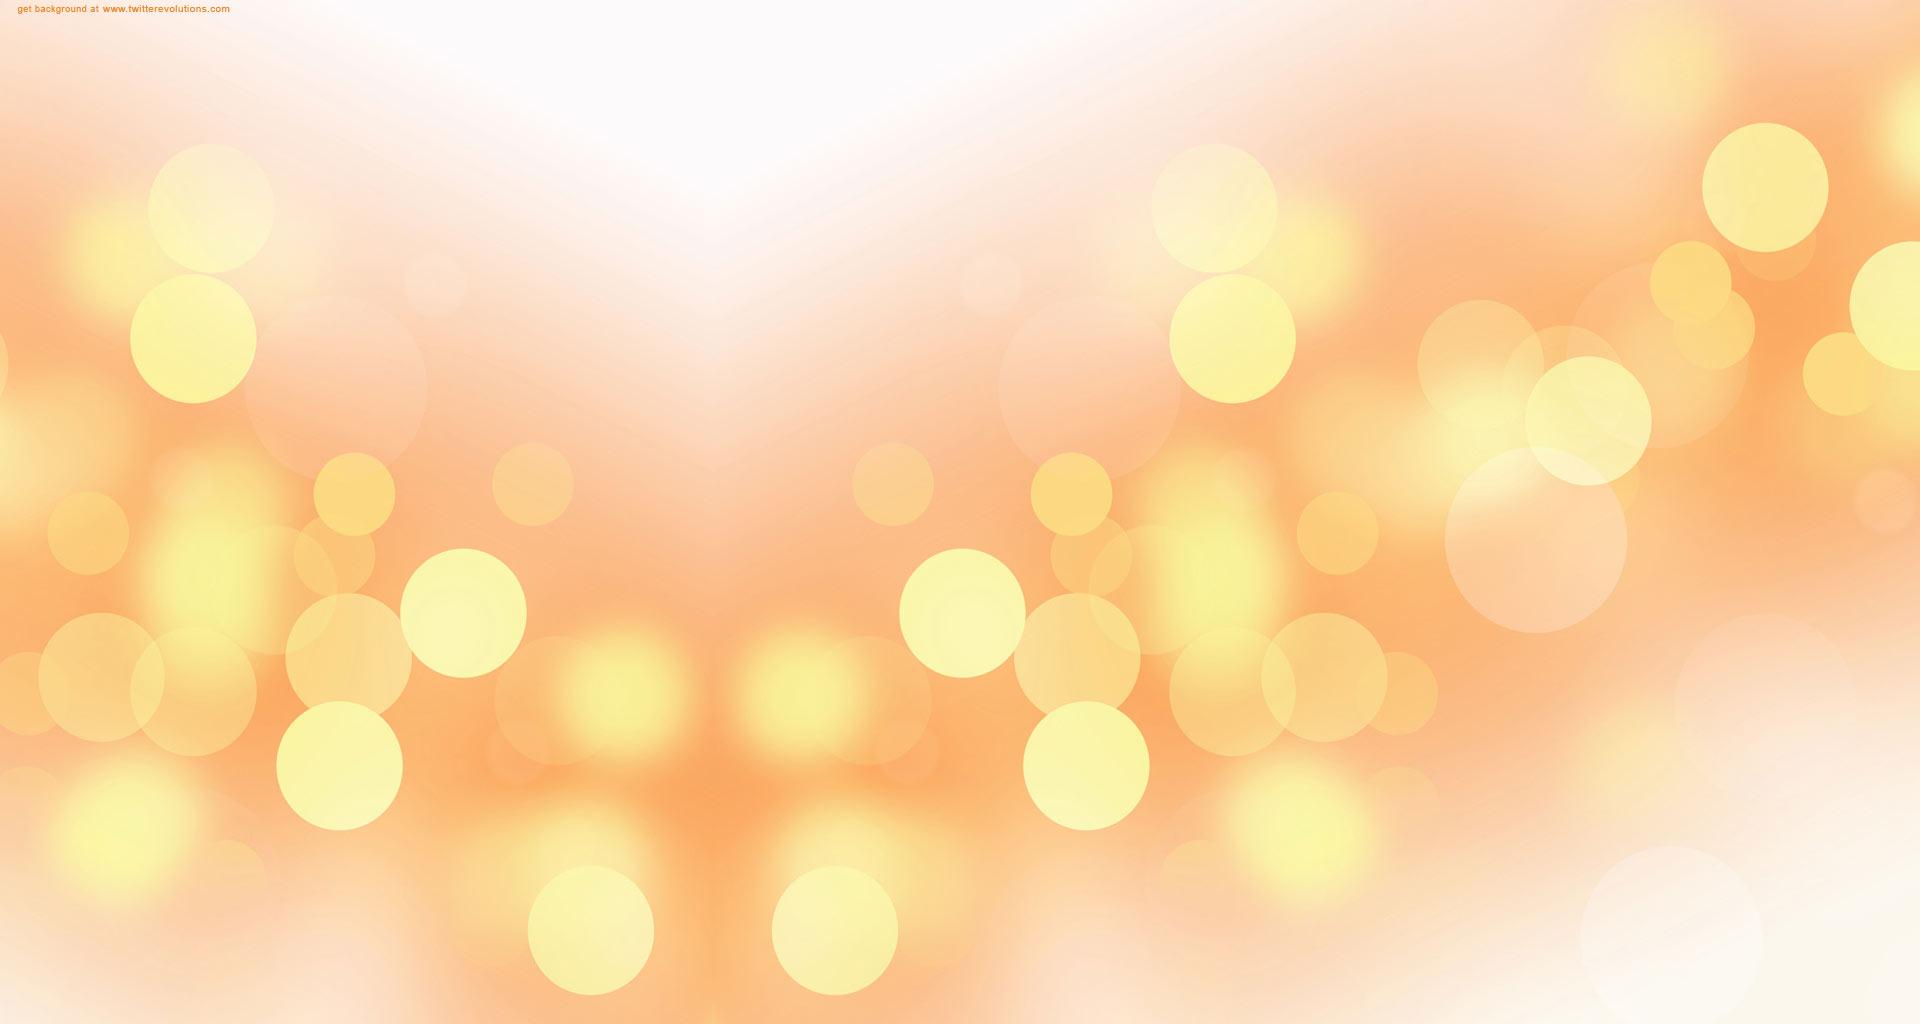 restaurare viziune ce viziune refacerea vederii cu usturoi